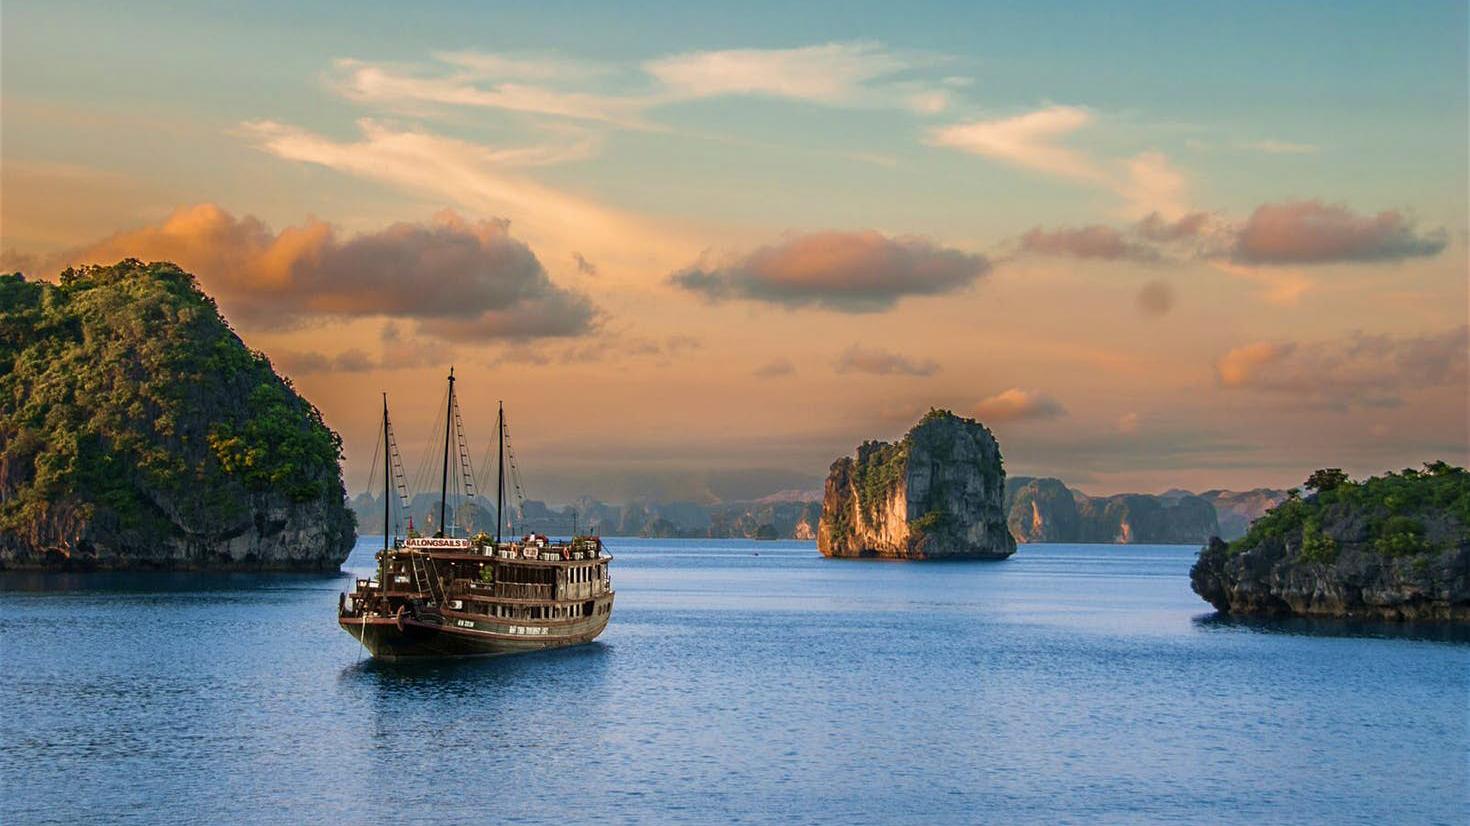 Khách nước ngoài được hướng dẫn du lịch Việt Nam một mình thế nào